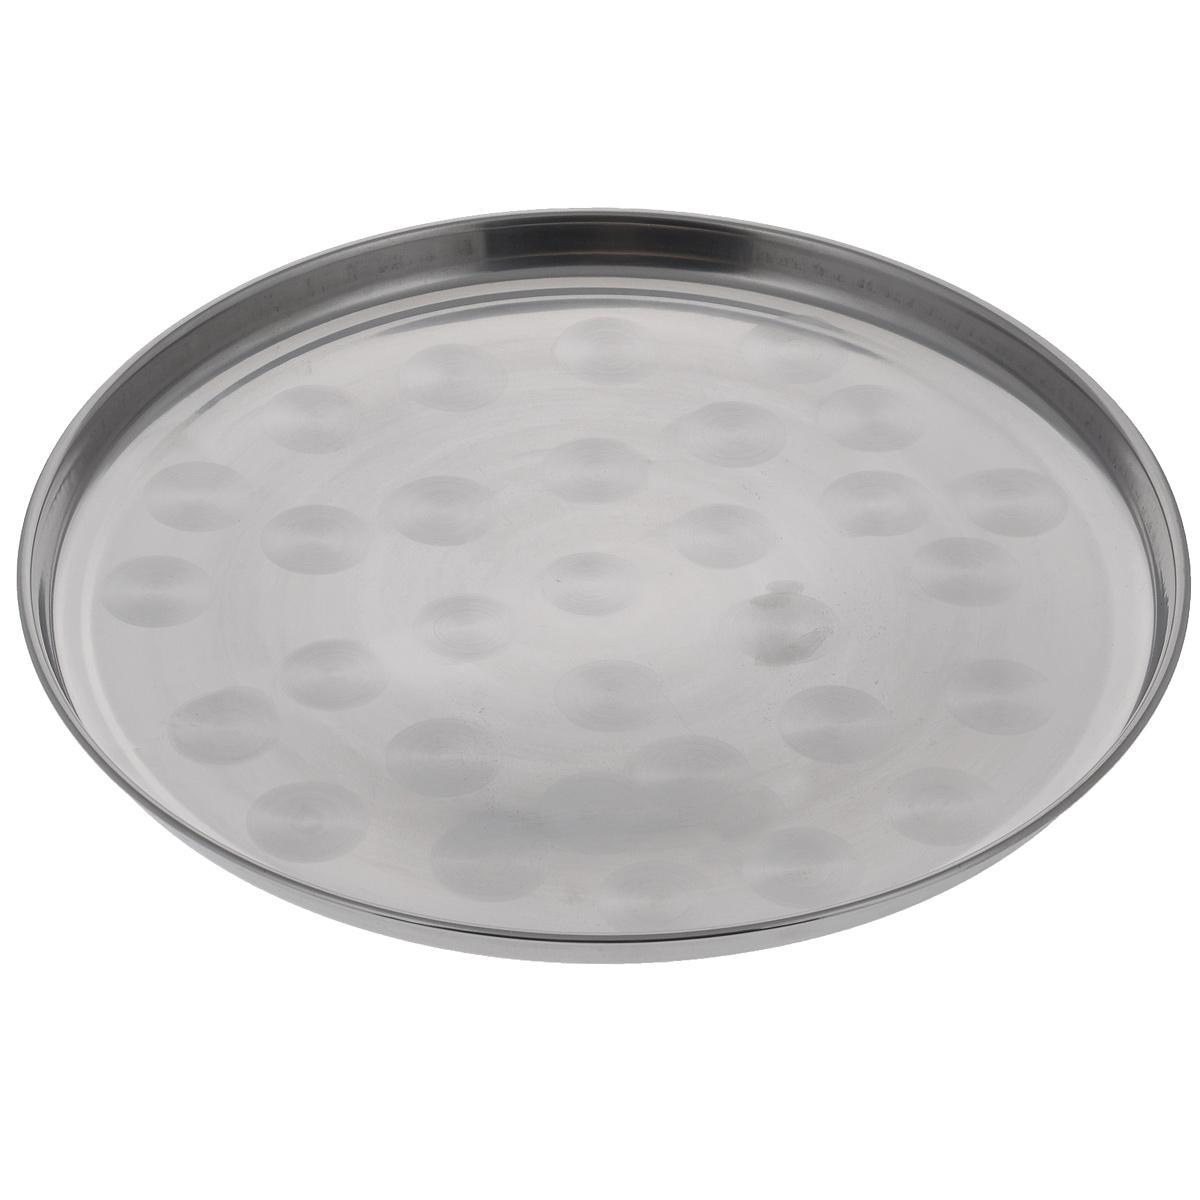 Поднос Padia, диаметр 44 см5400-01Круглый поднос Padia выполнен из высококачественной нержавеющей стали. Он отличноподойдет для красивой сервировки различных блюд, закусок и фруктов на праздничном столе.Благодаря бортикам, поднос с легкостью можно переносить с места на место.Поднос Padia займет достойное место на вашей кухне.Диаметр подноса: 44 см.Высота подноса: 2,5 см.